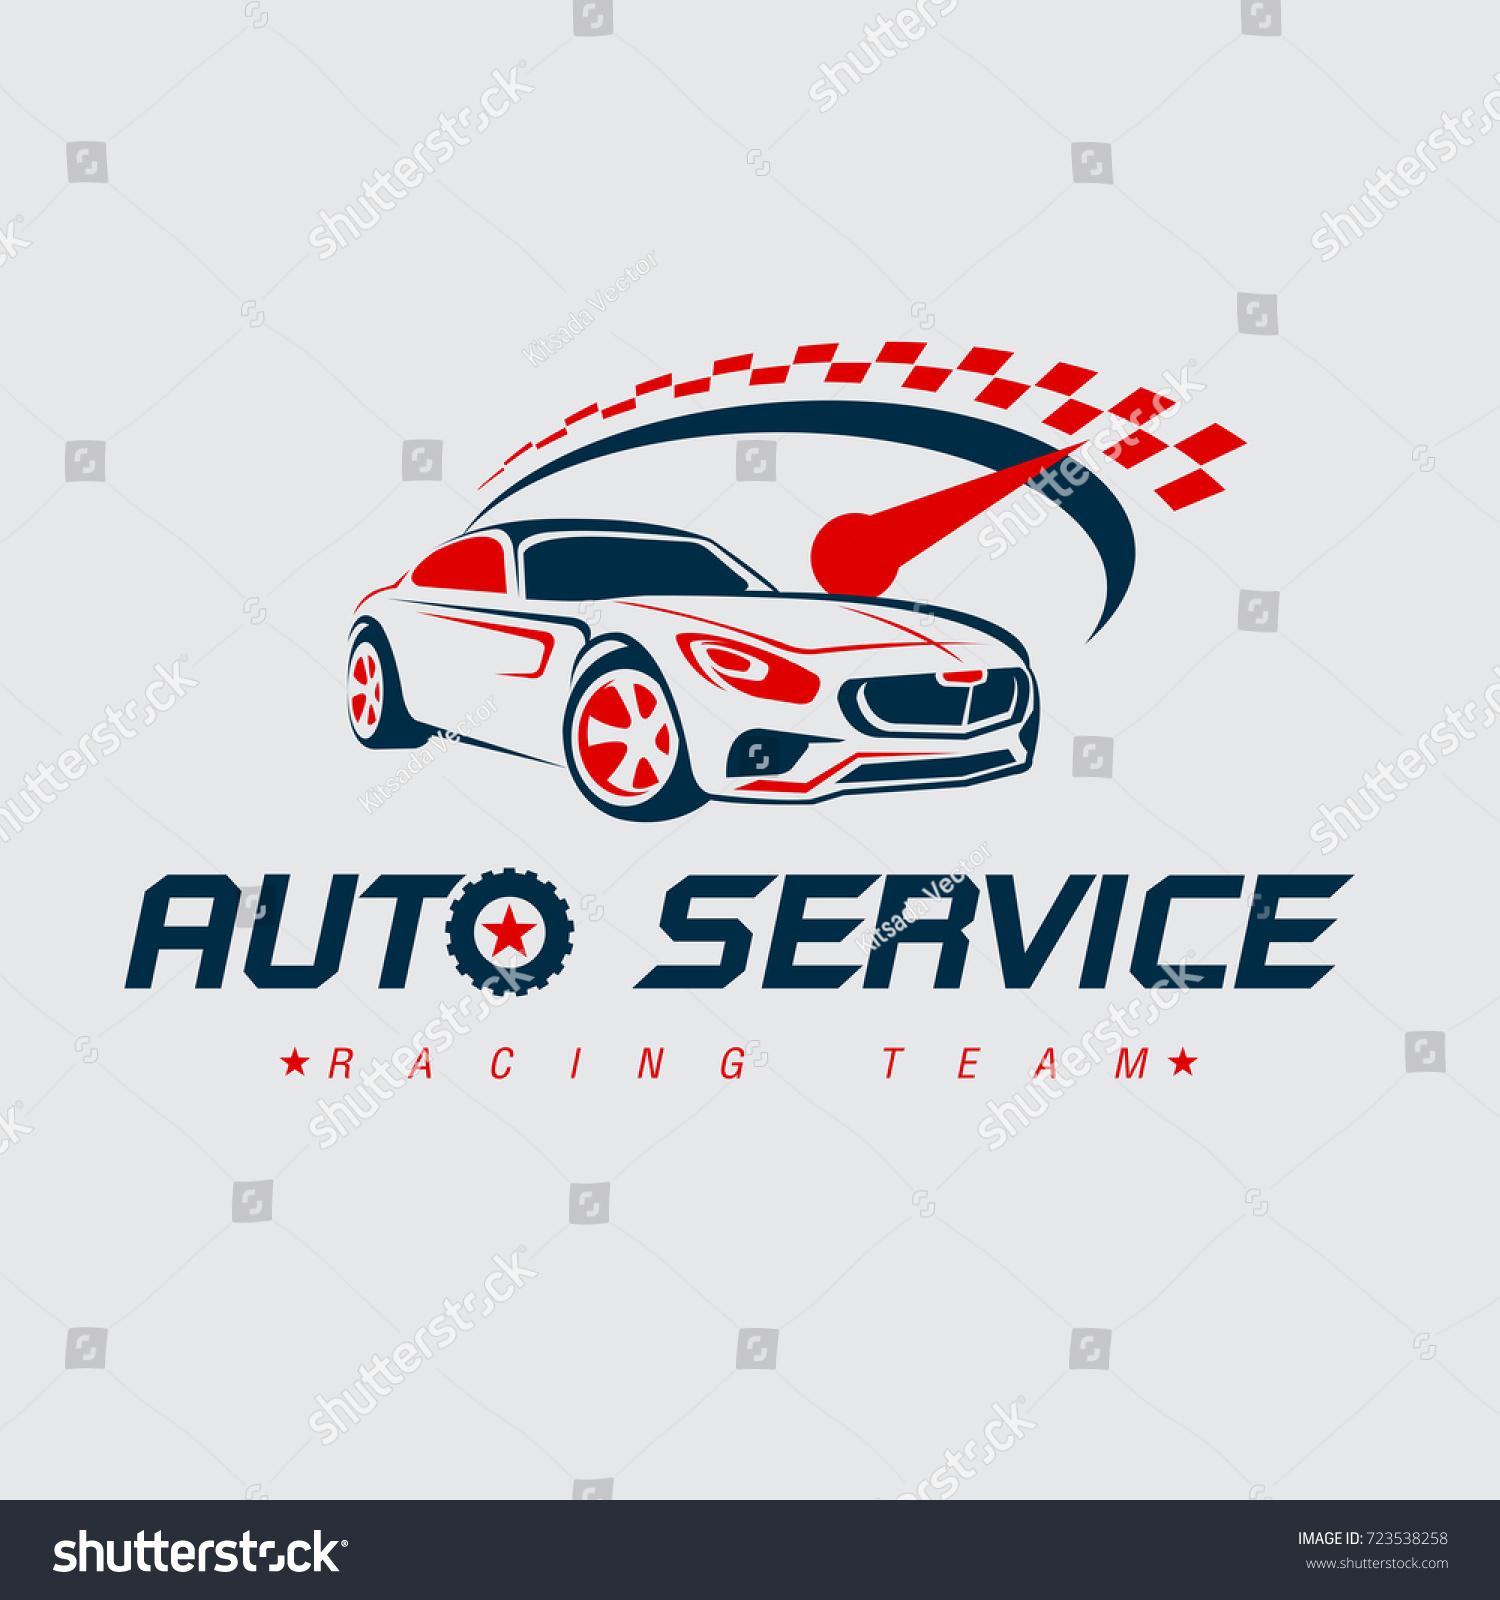 Auto racing logocar logo vector logo template